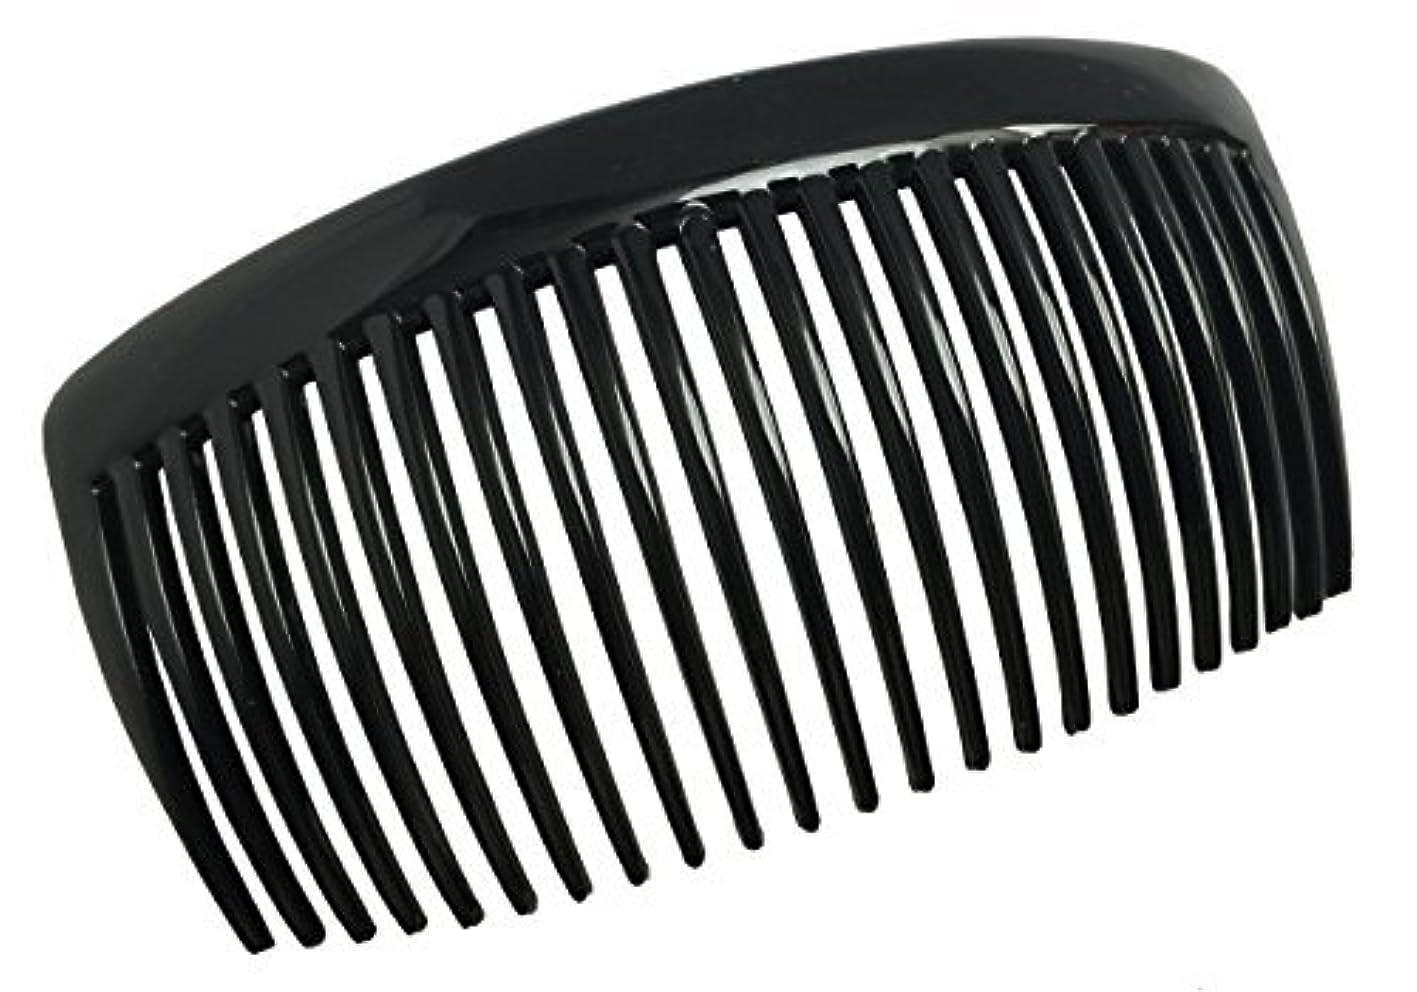 コレクションタヒチ想定するParcelona French Large 2 Pieces Glossy Black Cellulose Acetate Good Grip Updo 23 Teeth Hair Side Combs 4.25 Inches...